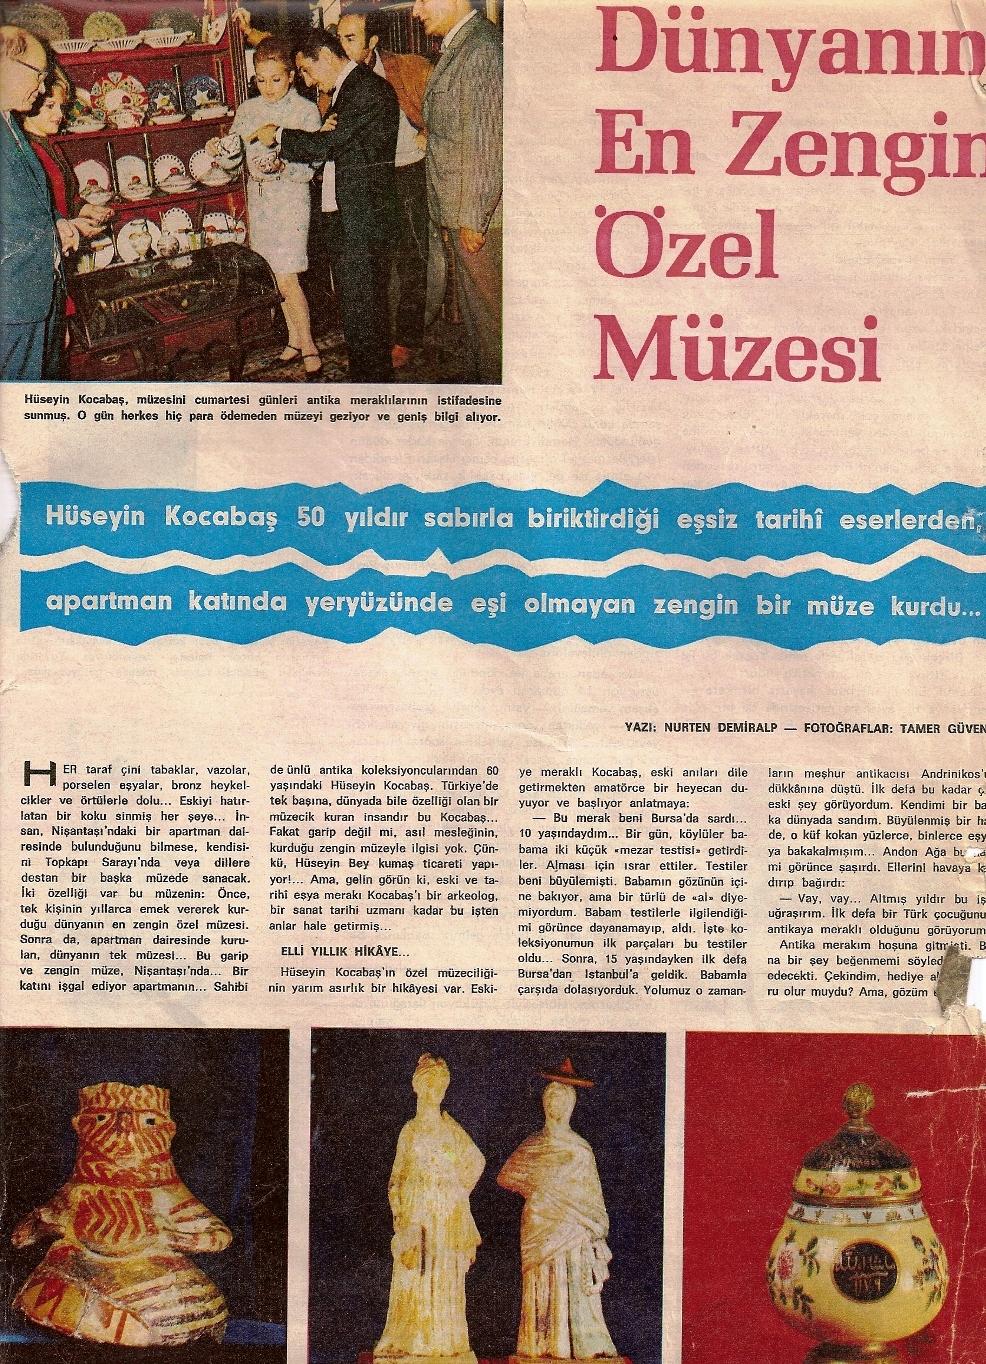 HUSEYIN KOCABAS (3)